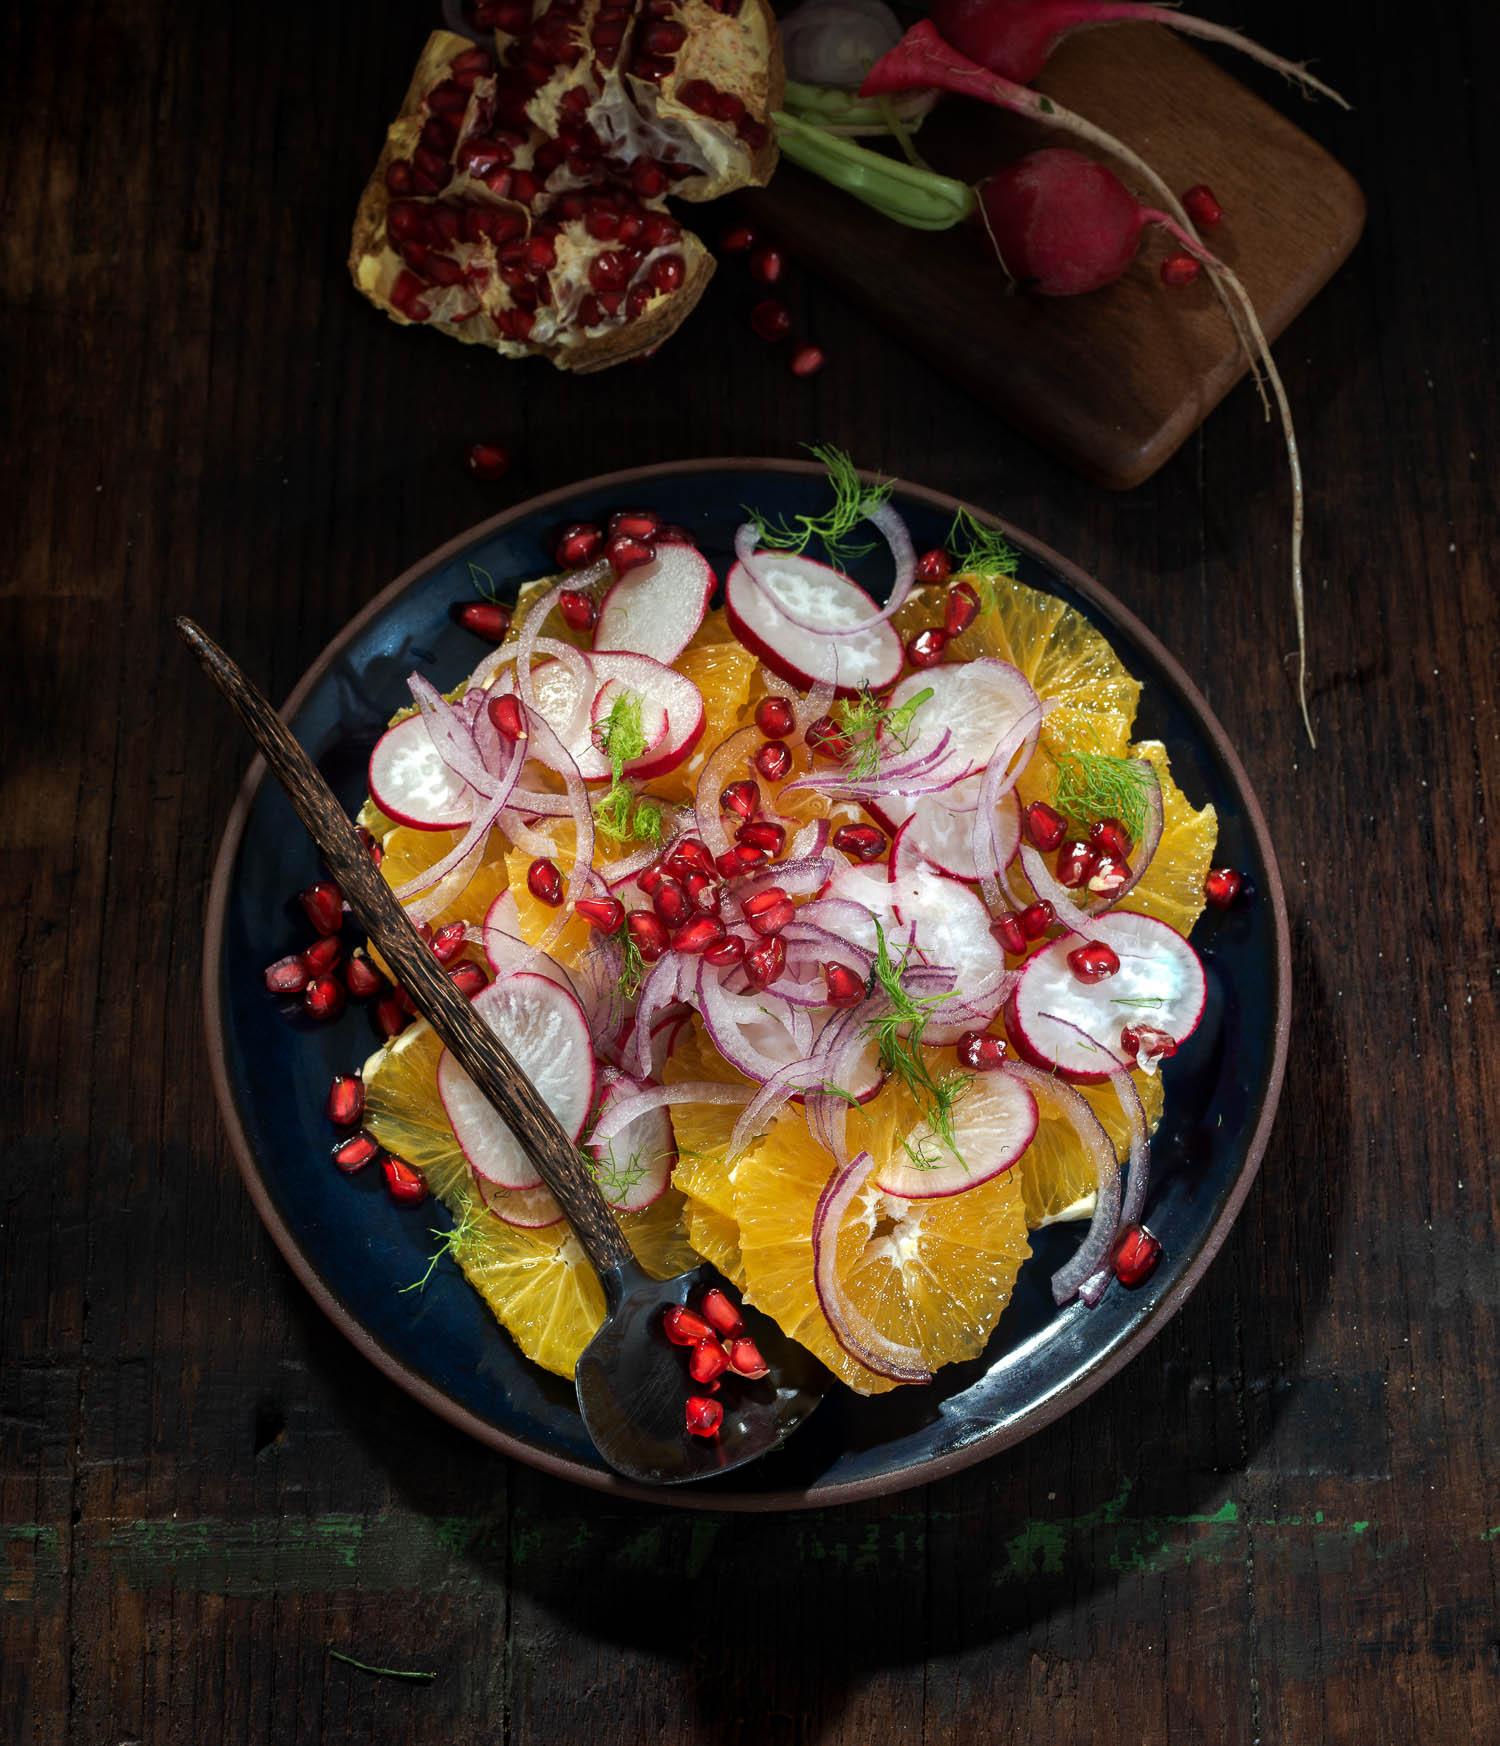 03434 Ensalada de naranja y rabanitos.jpg